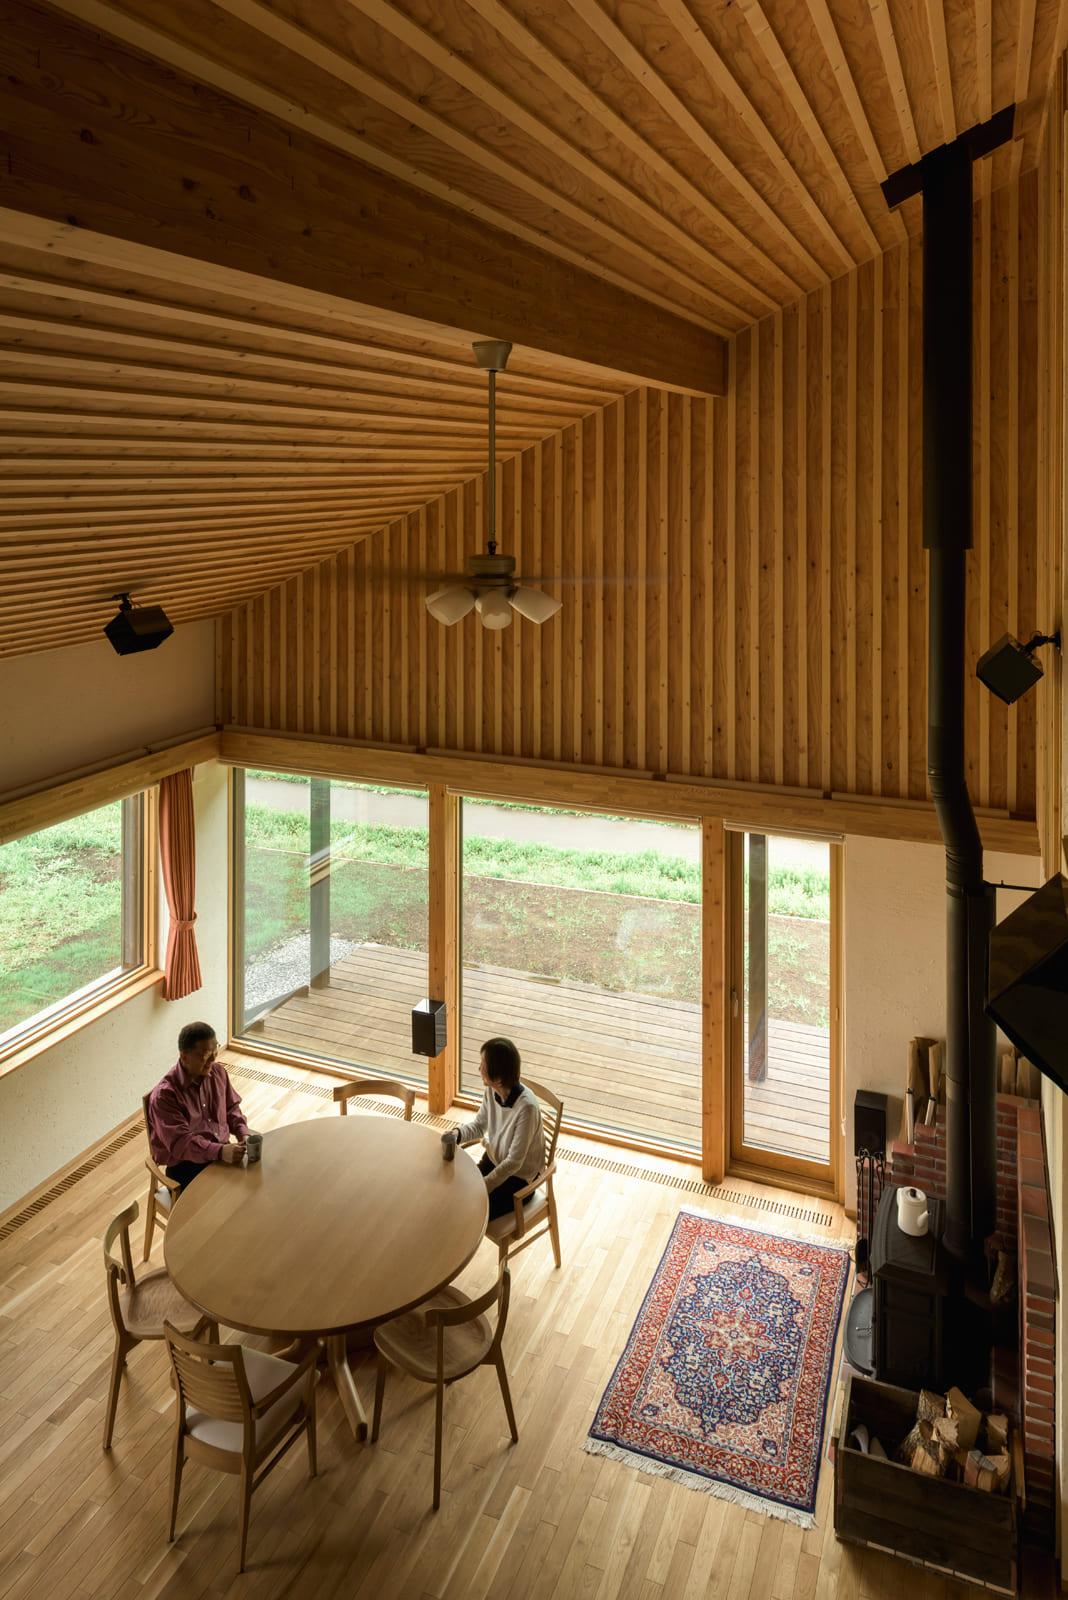 念願の音響環境が叶った新居での穏やかなひととき